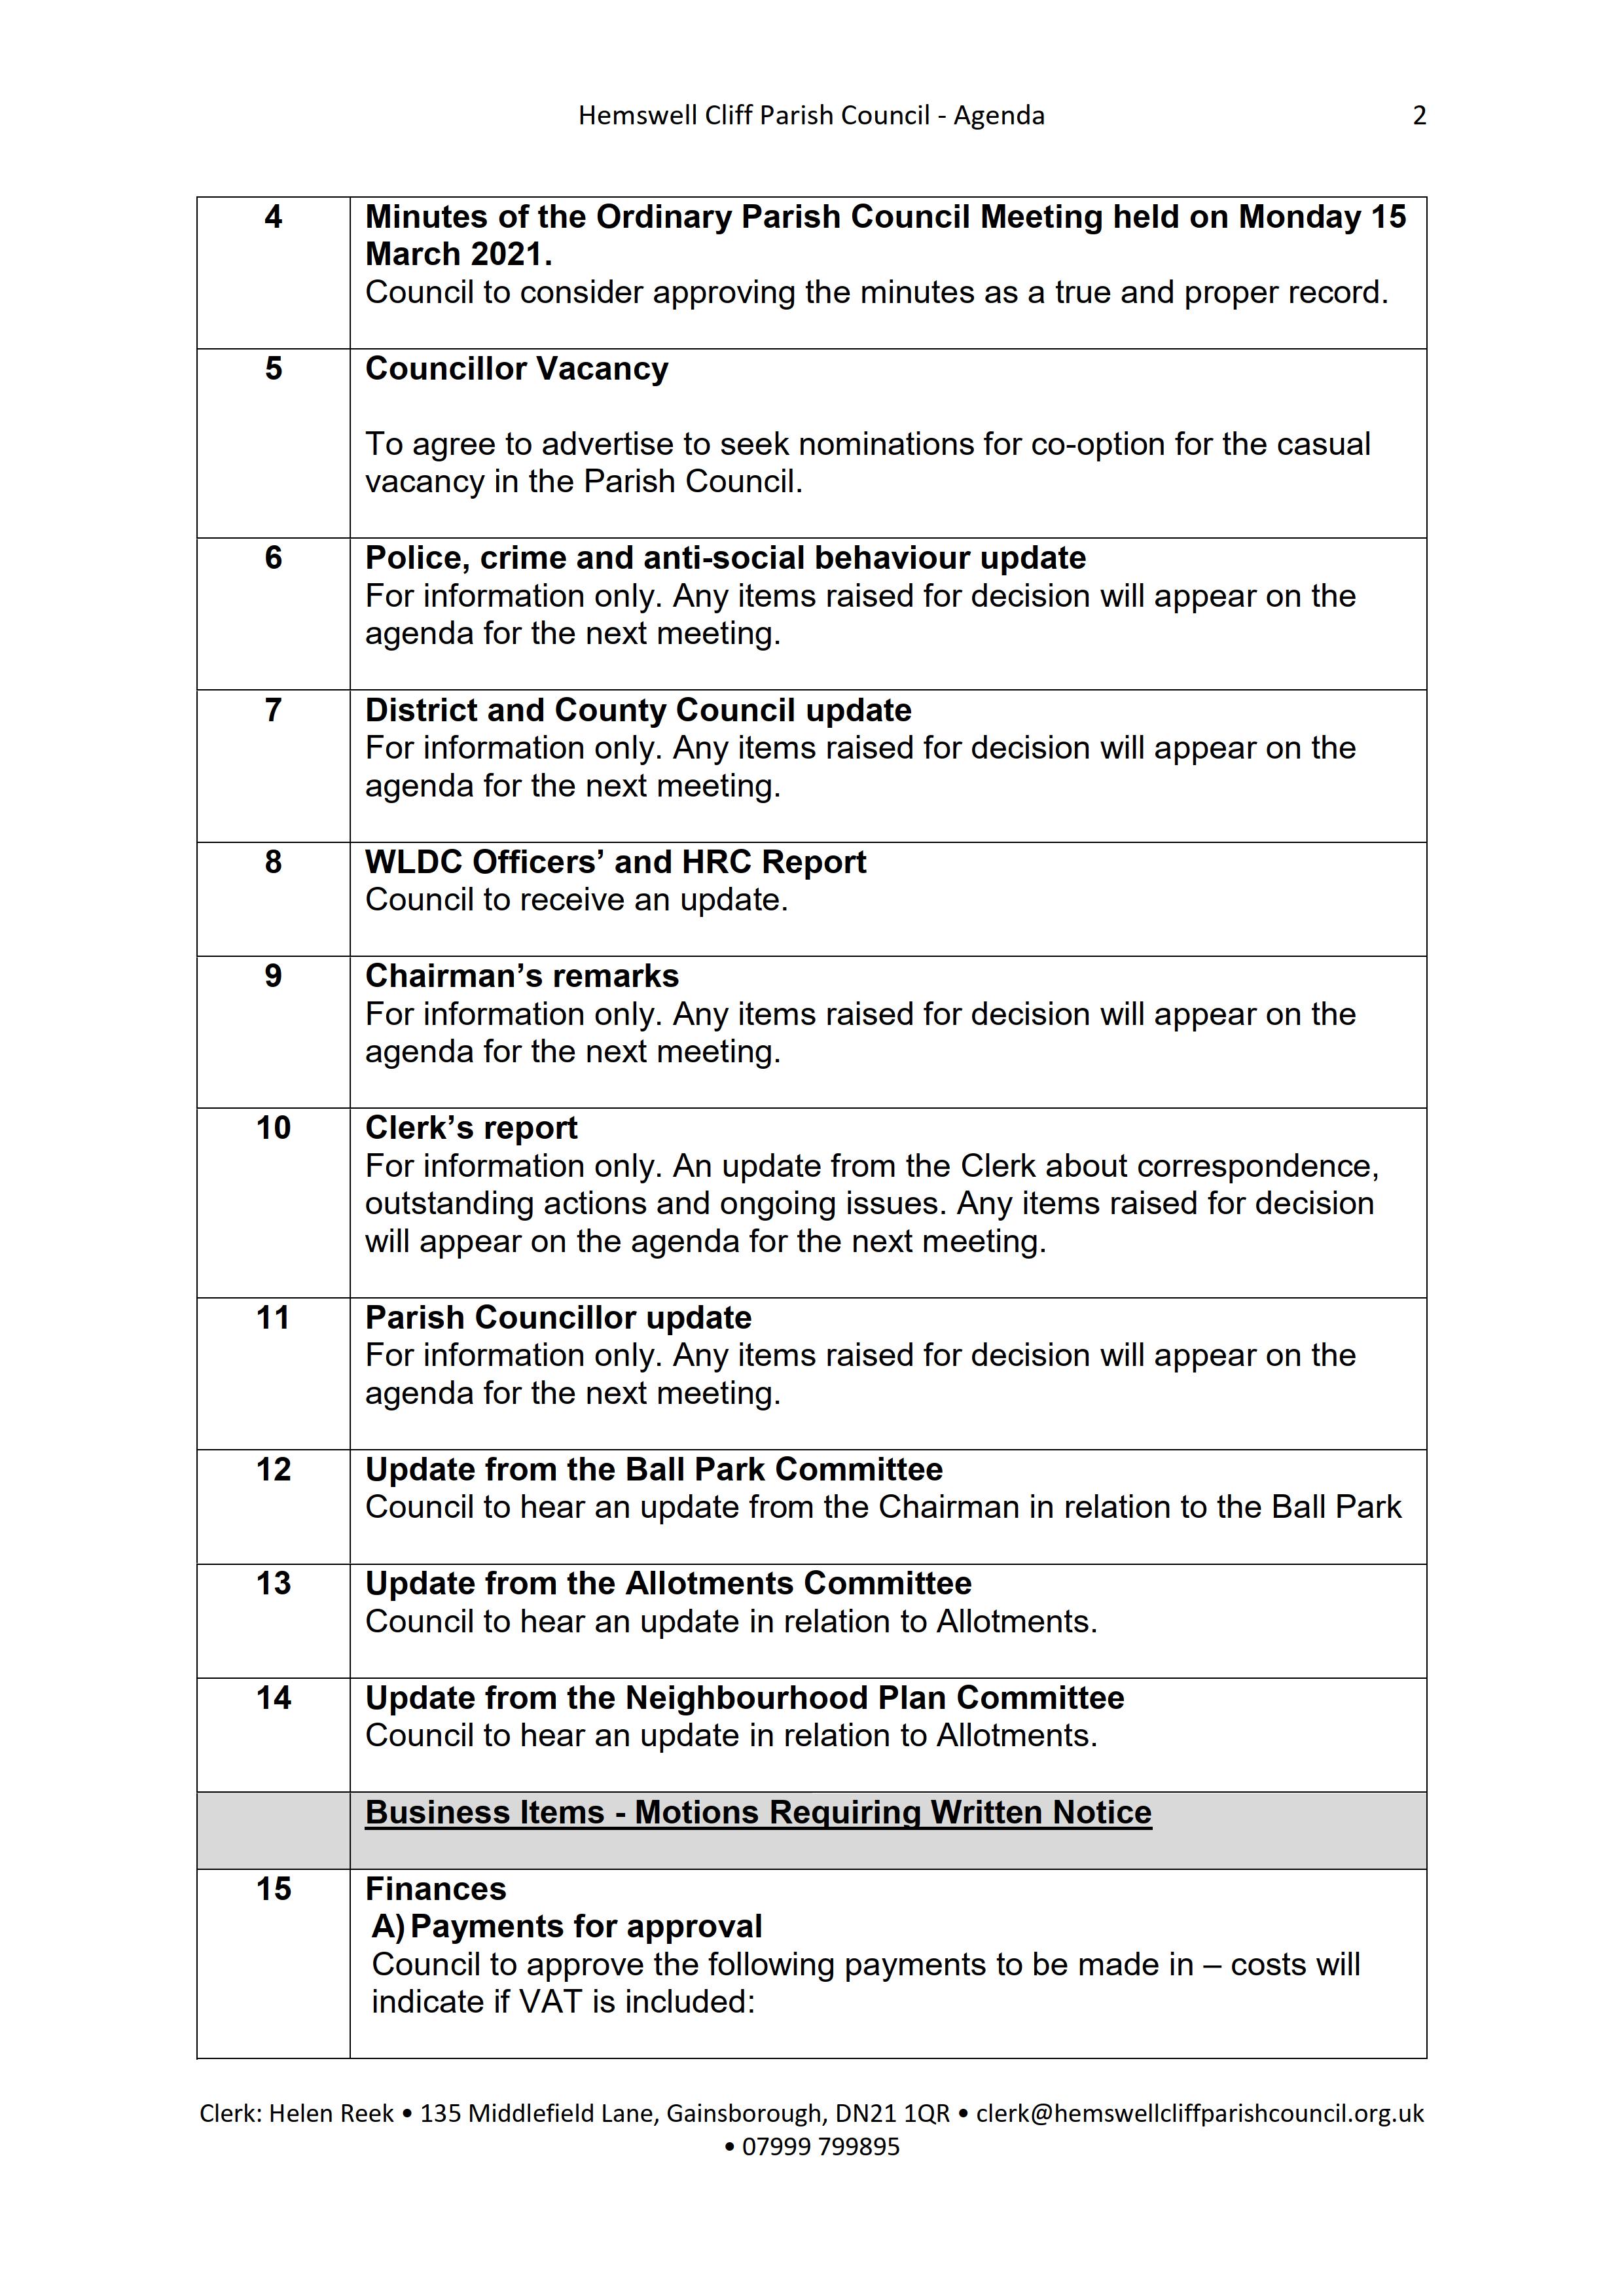 HCPC_Agenda_19.04.21_2.png